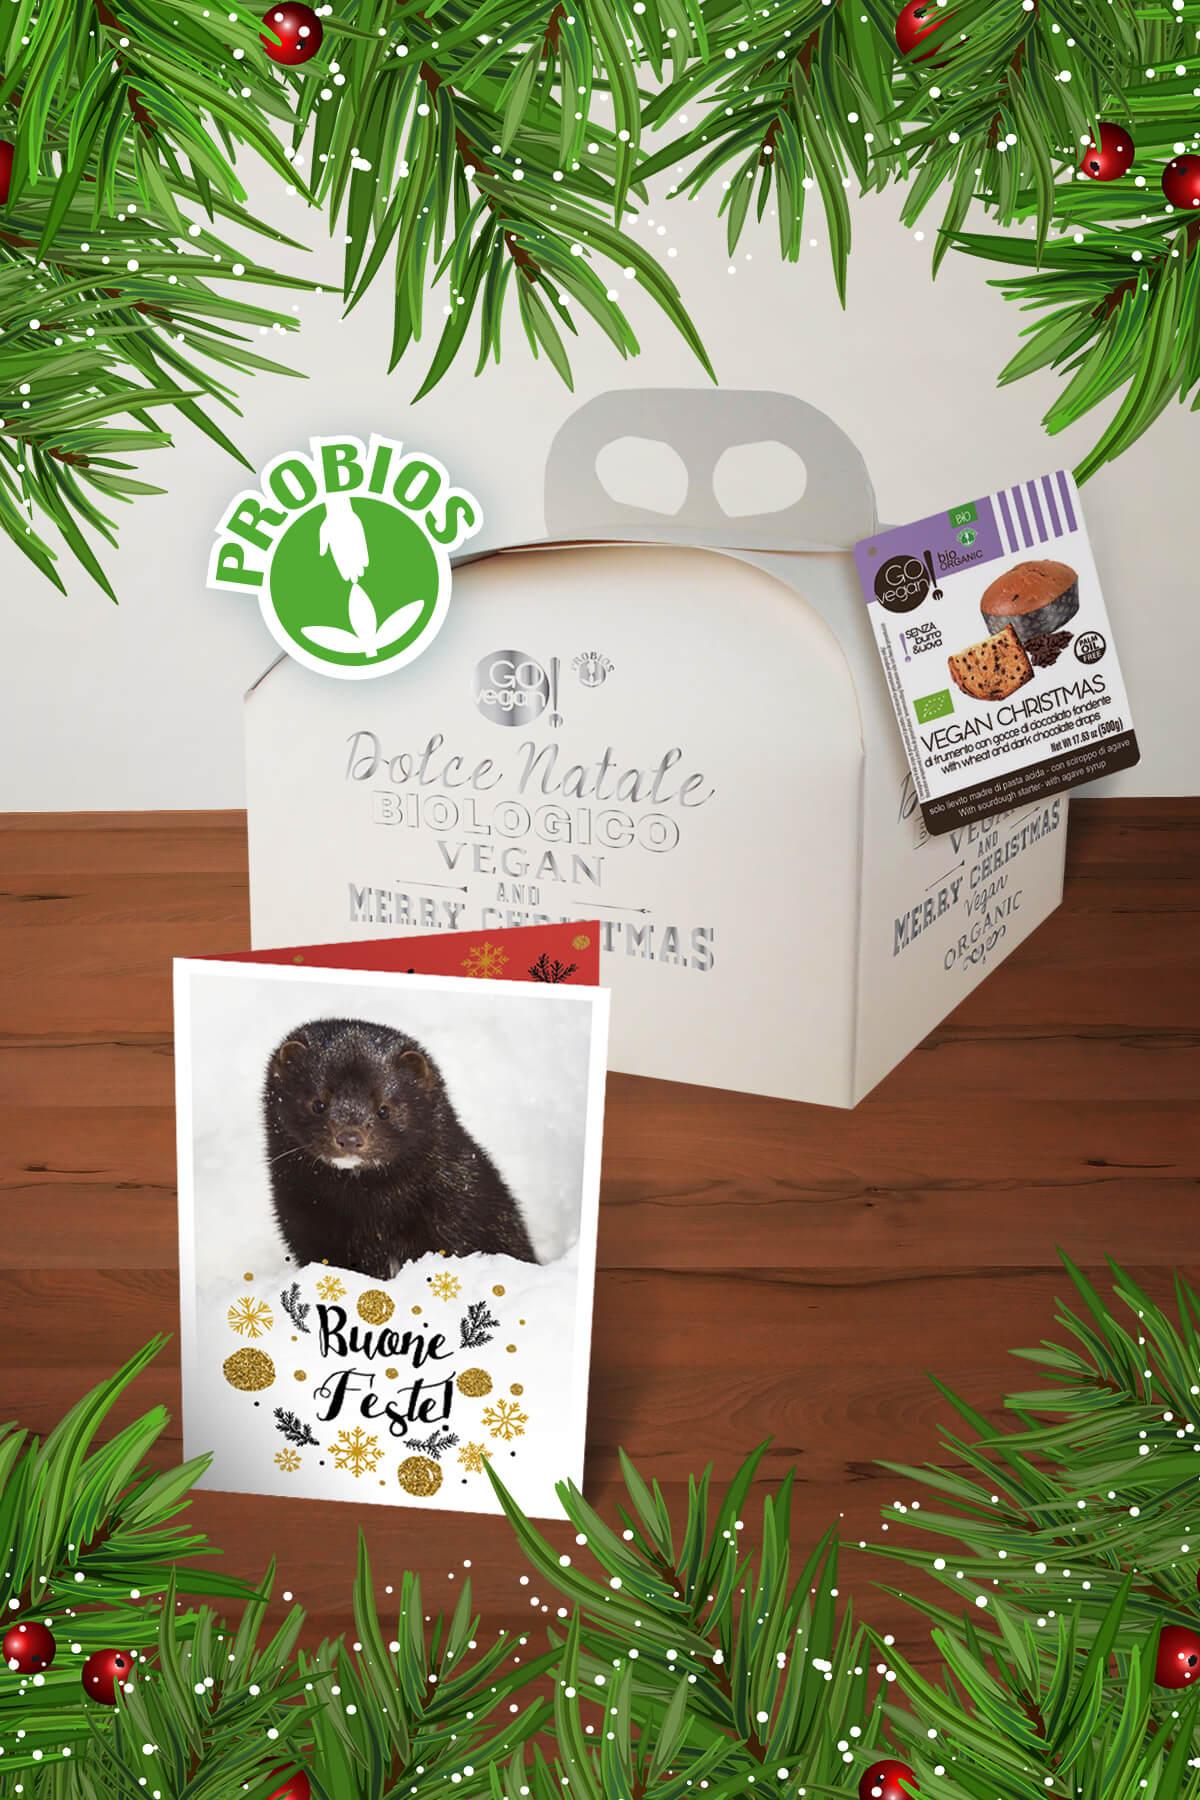 panetotne vegan e cartolina auguri natale animali